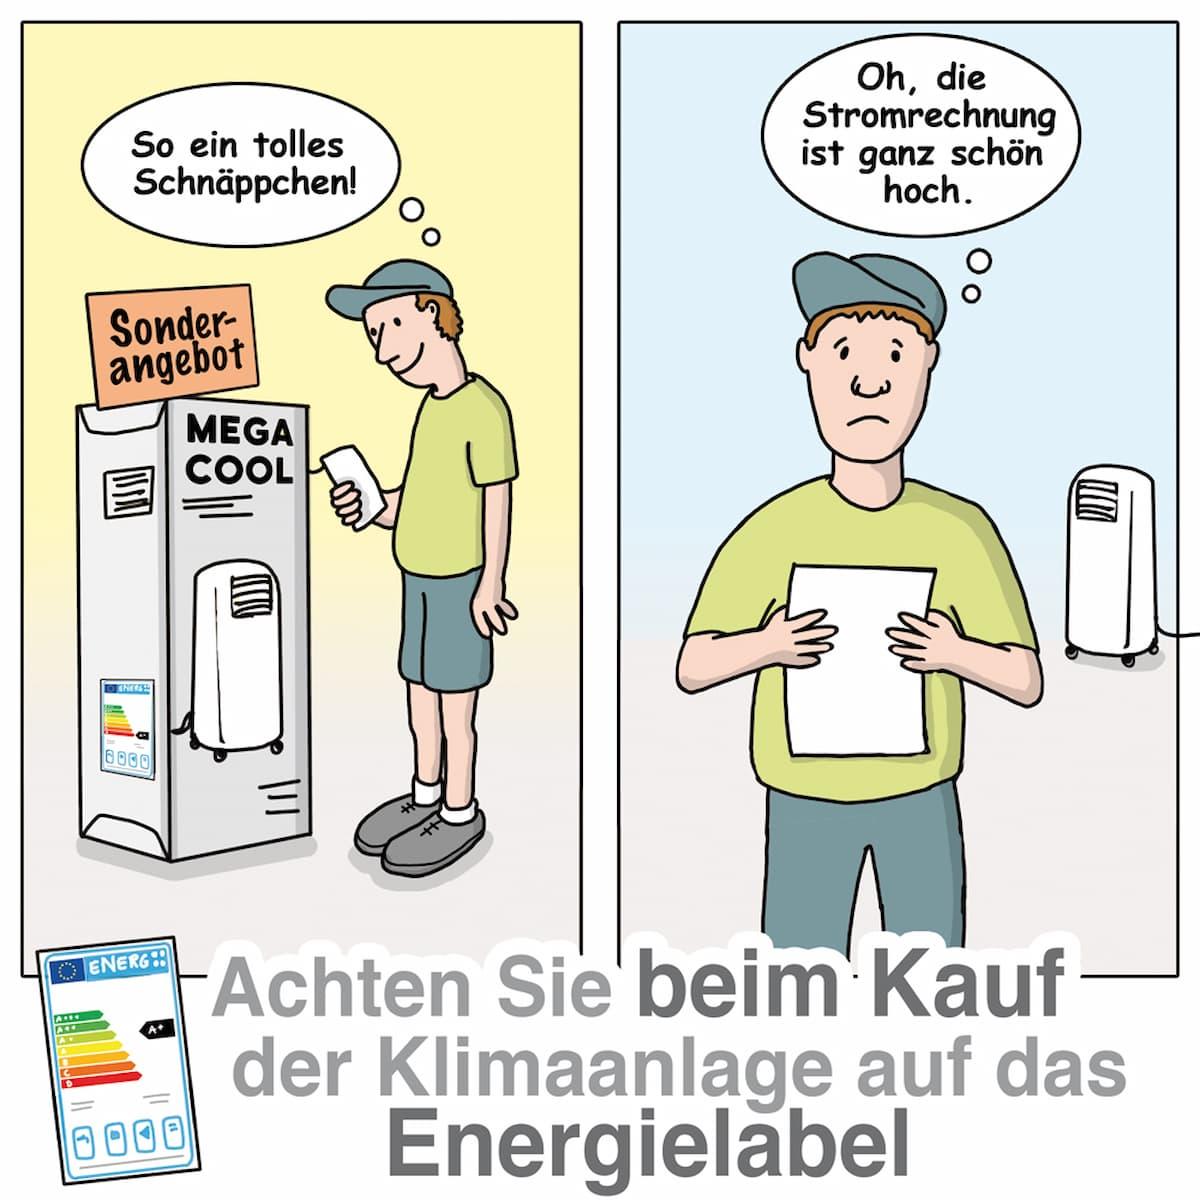 Klimaanlage kaufen: Achten Sie auf das Energielabel